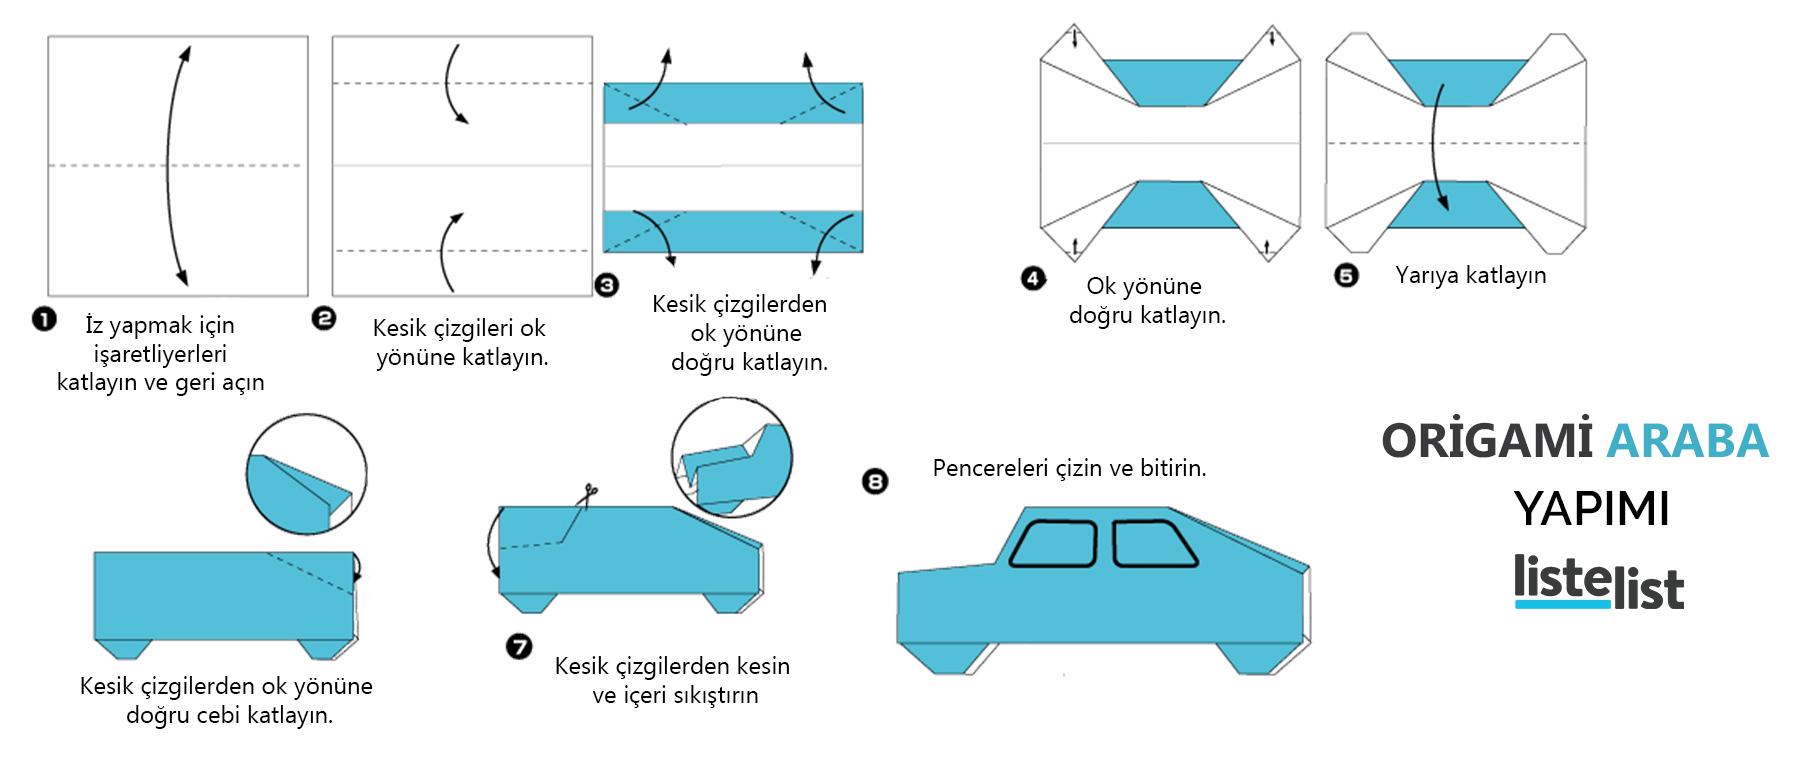 origami nasıl yapılır